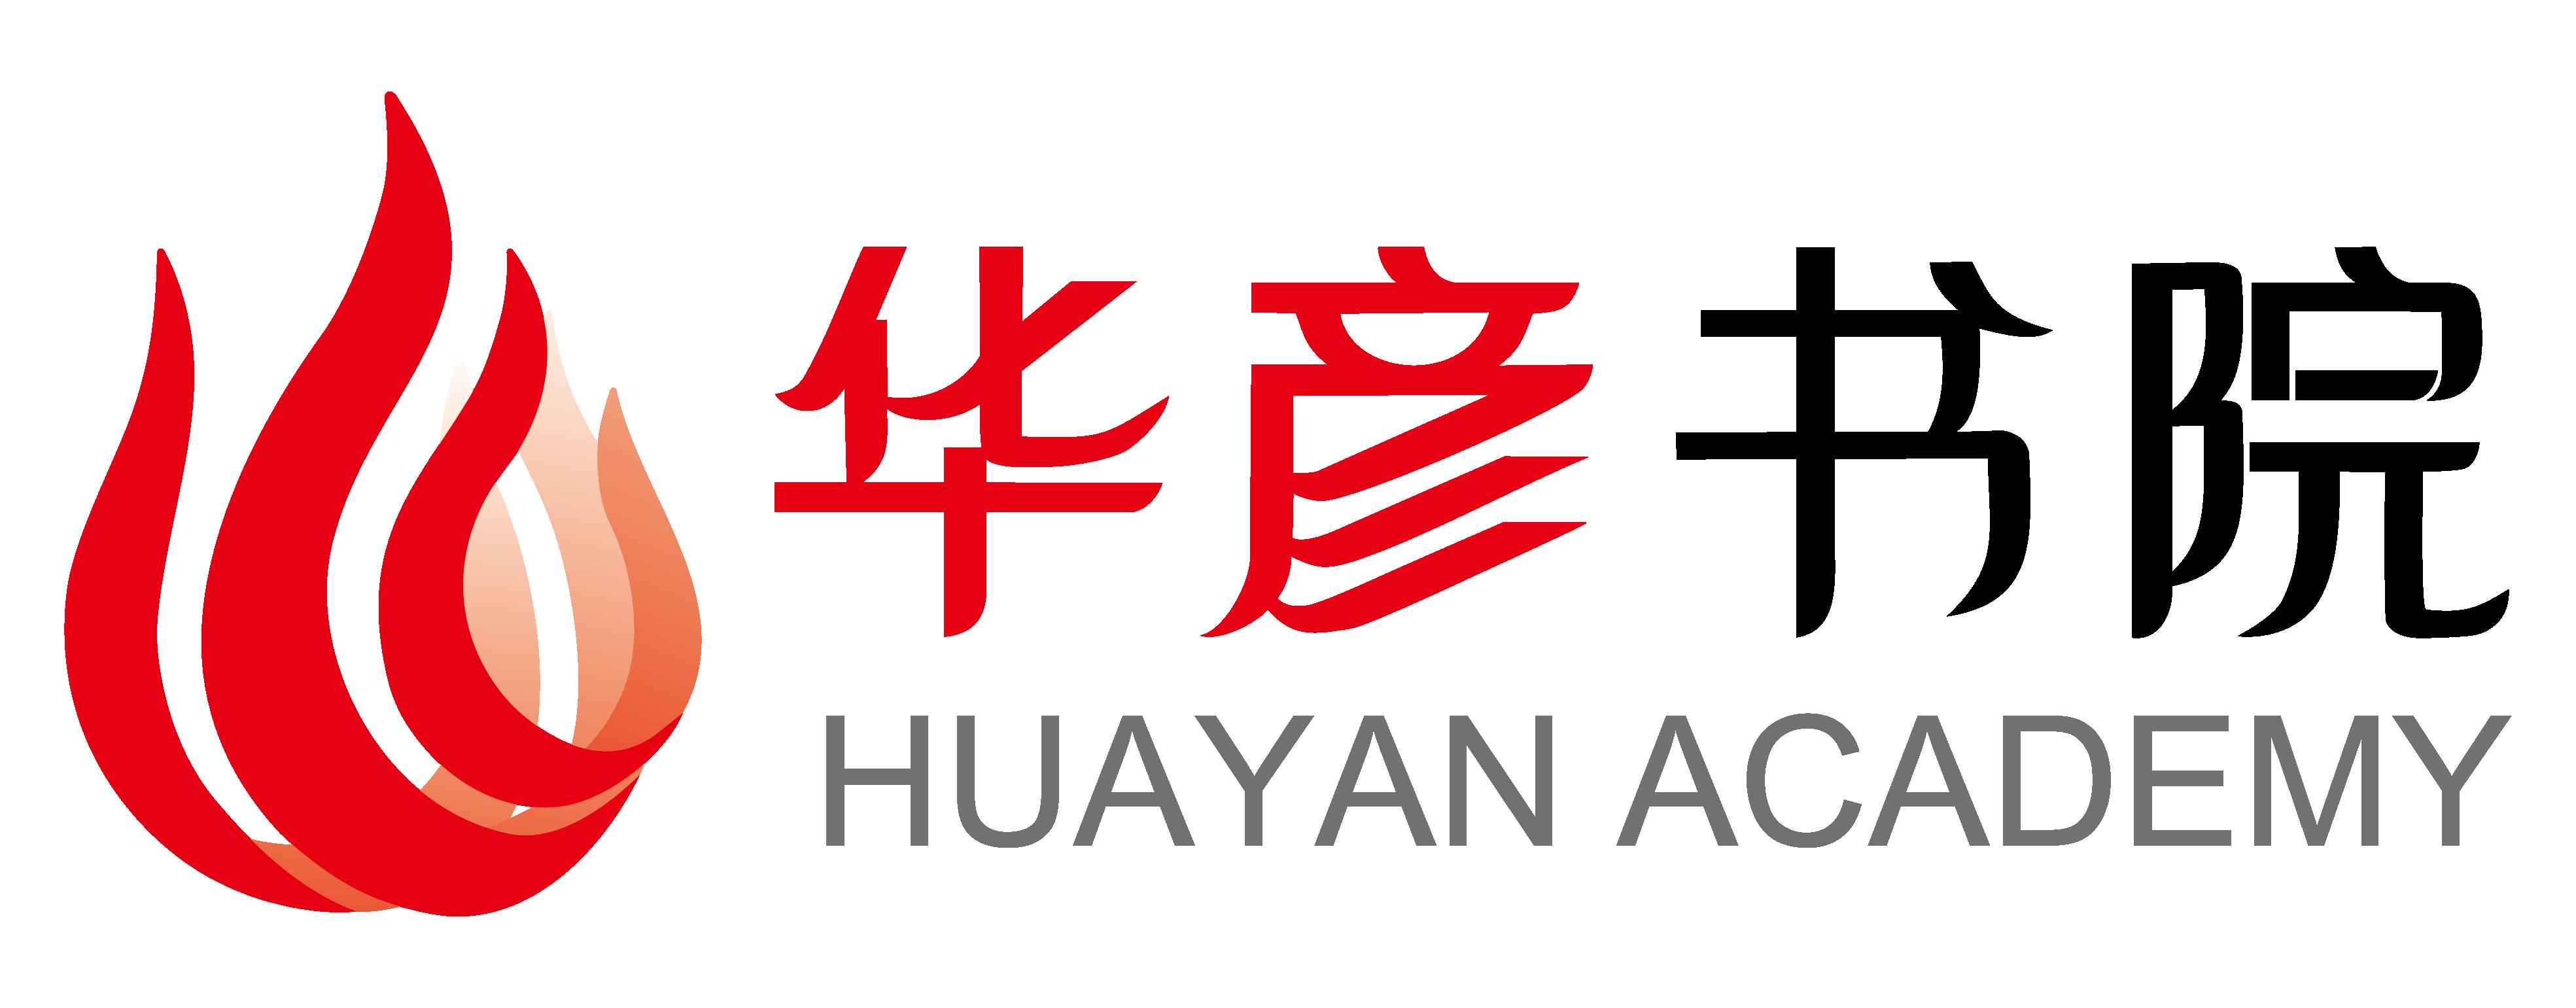 華彥教育科技投資(廣東)有限公司